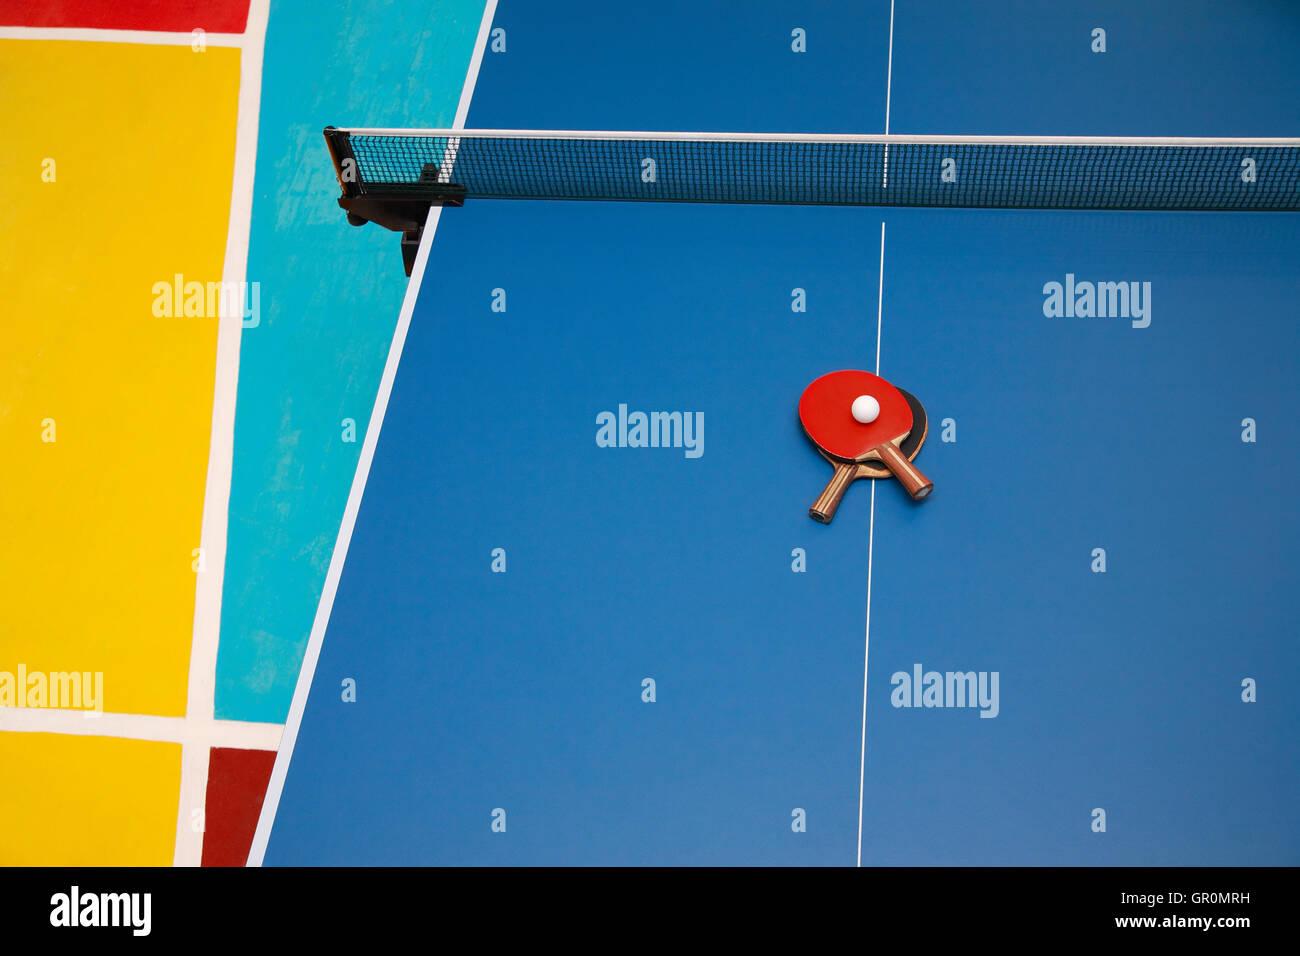 Pour raquettes de tennis de table bleu de couleur rouge et noir et d'une balle sur une table de ping-pong, vue Photo Stock